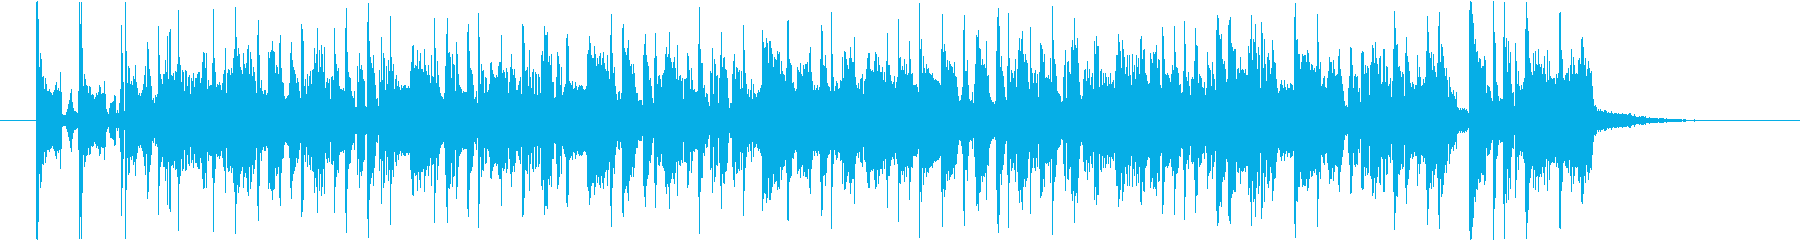 Lo-Fiサウンドなボサノバの再生済みの波形